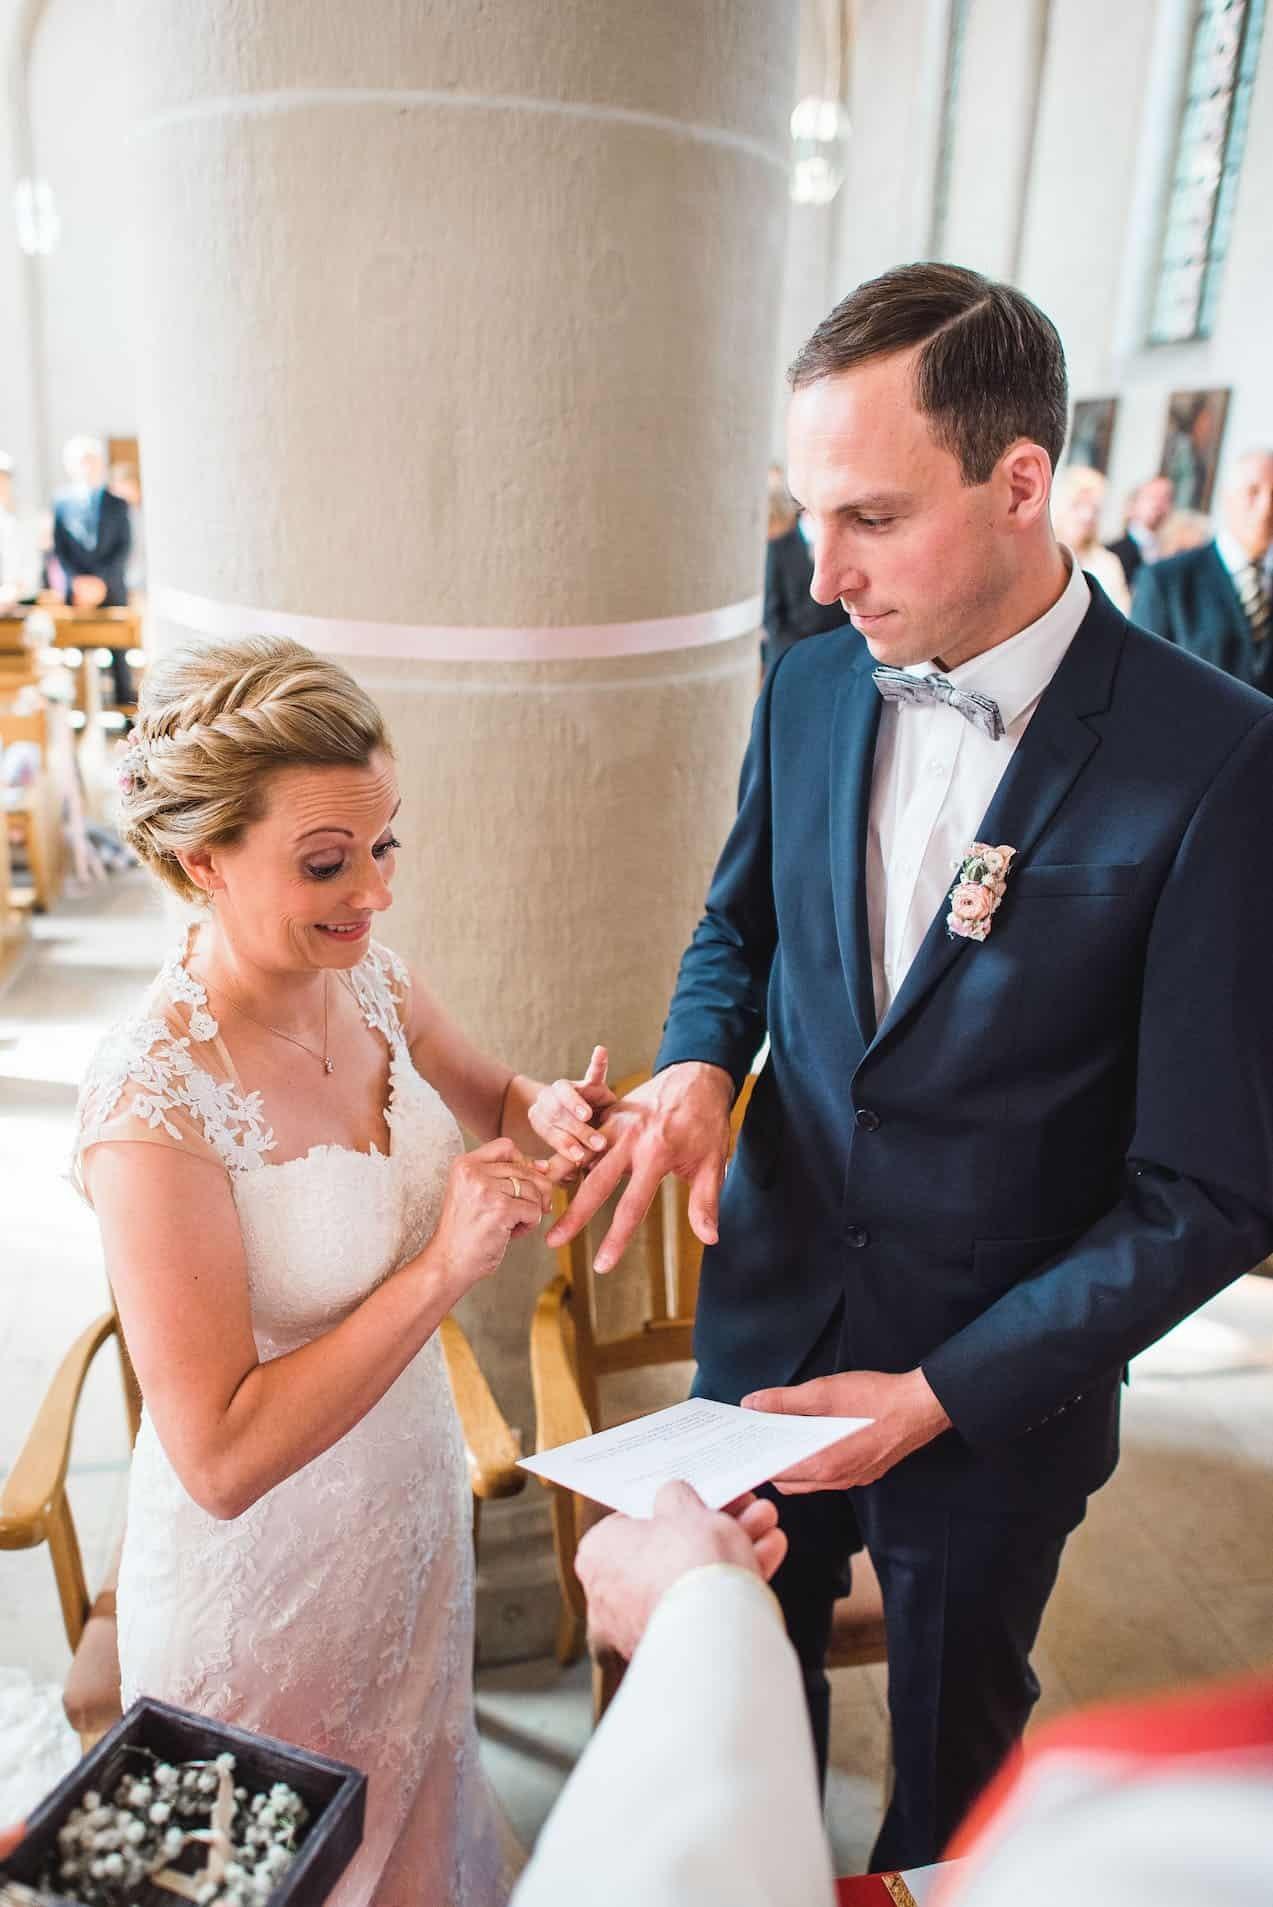 Hochzeitsfotograf Münster - Ehering anstecken